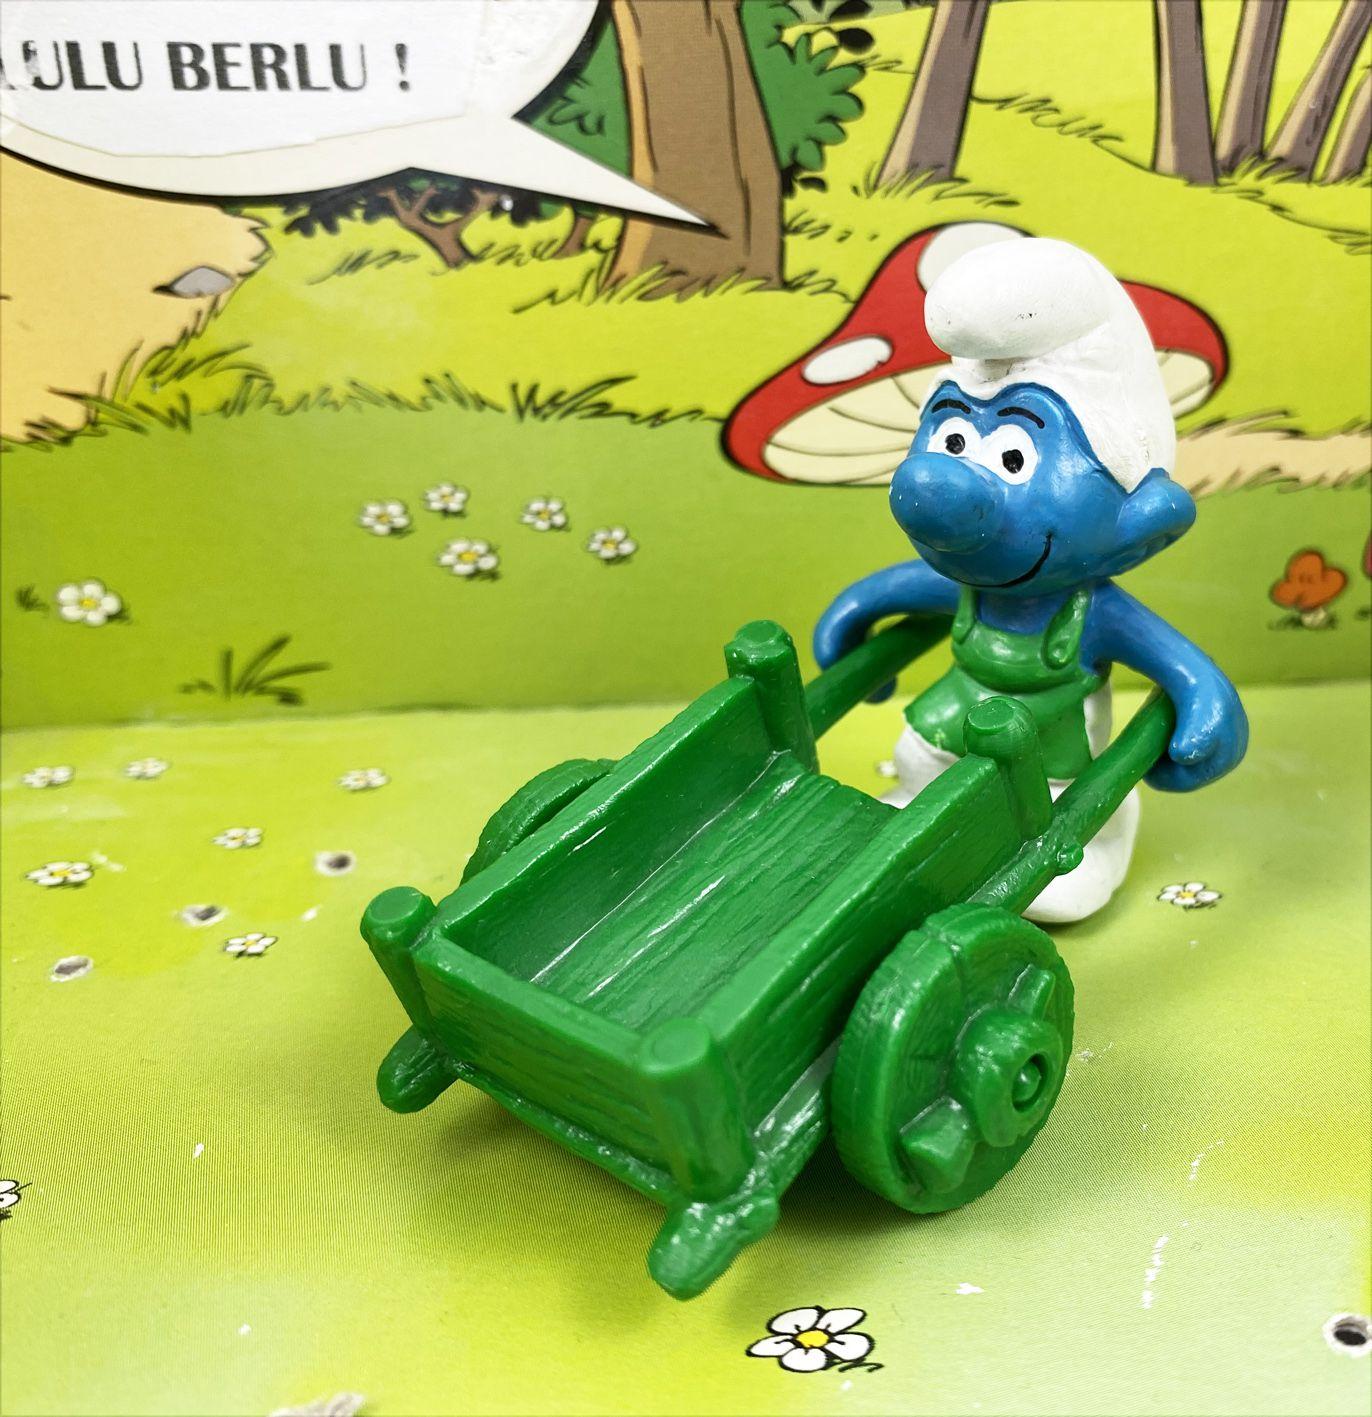 Les Schtroumpfs - Schleich - 40206 Schtroumpf jardinier avec brouette (verte)